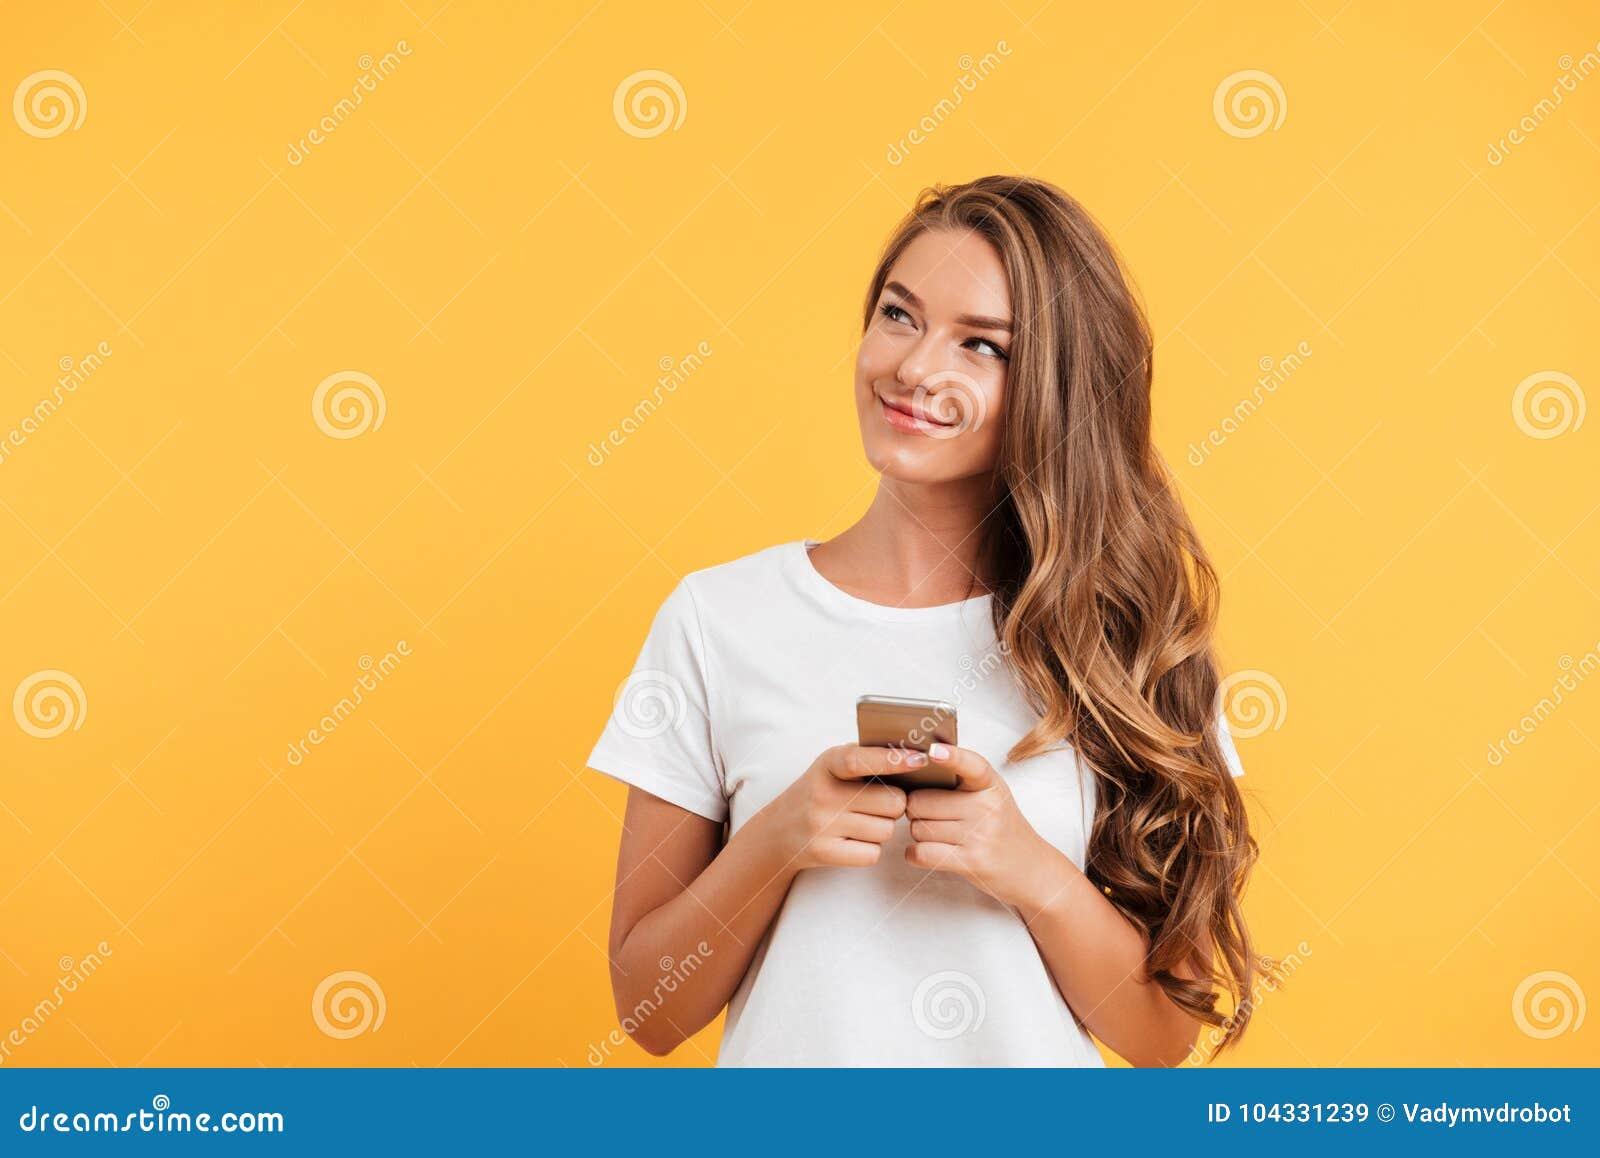 Rozochocony śliczny piękny młodej kobiety gawędzenie telefonem komórkowym